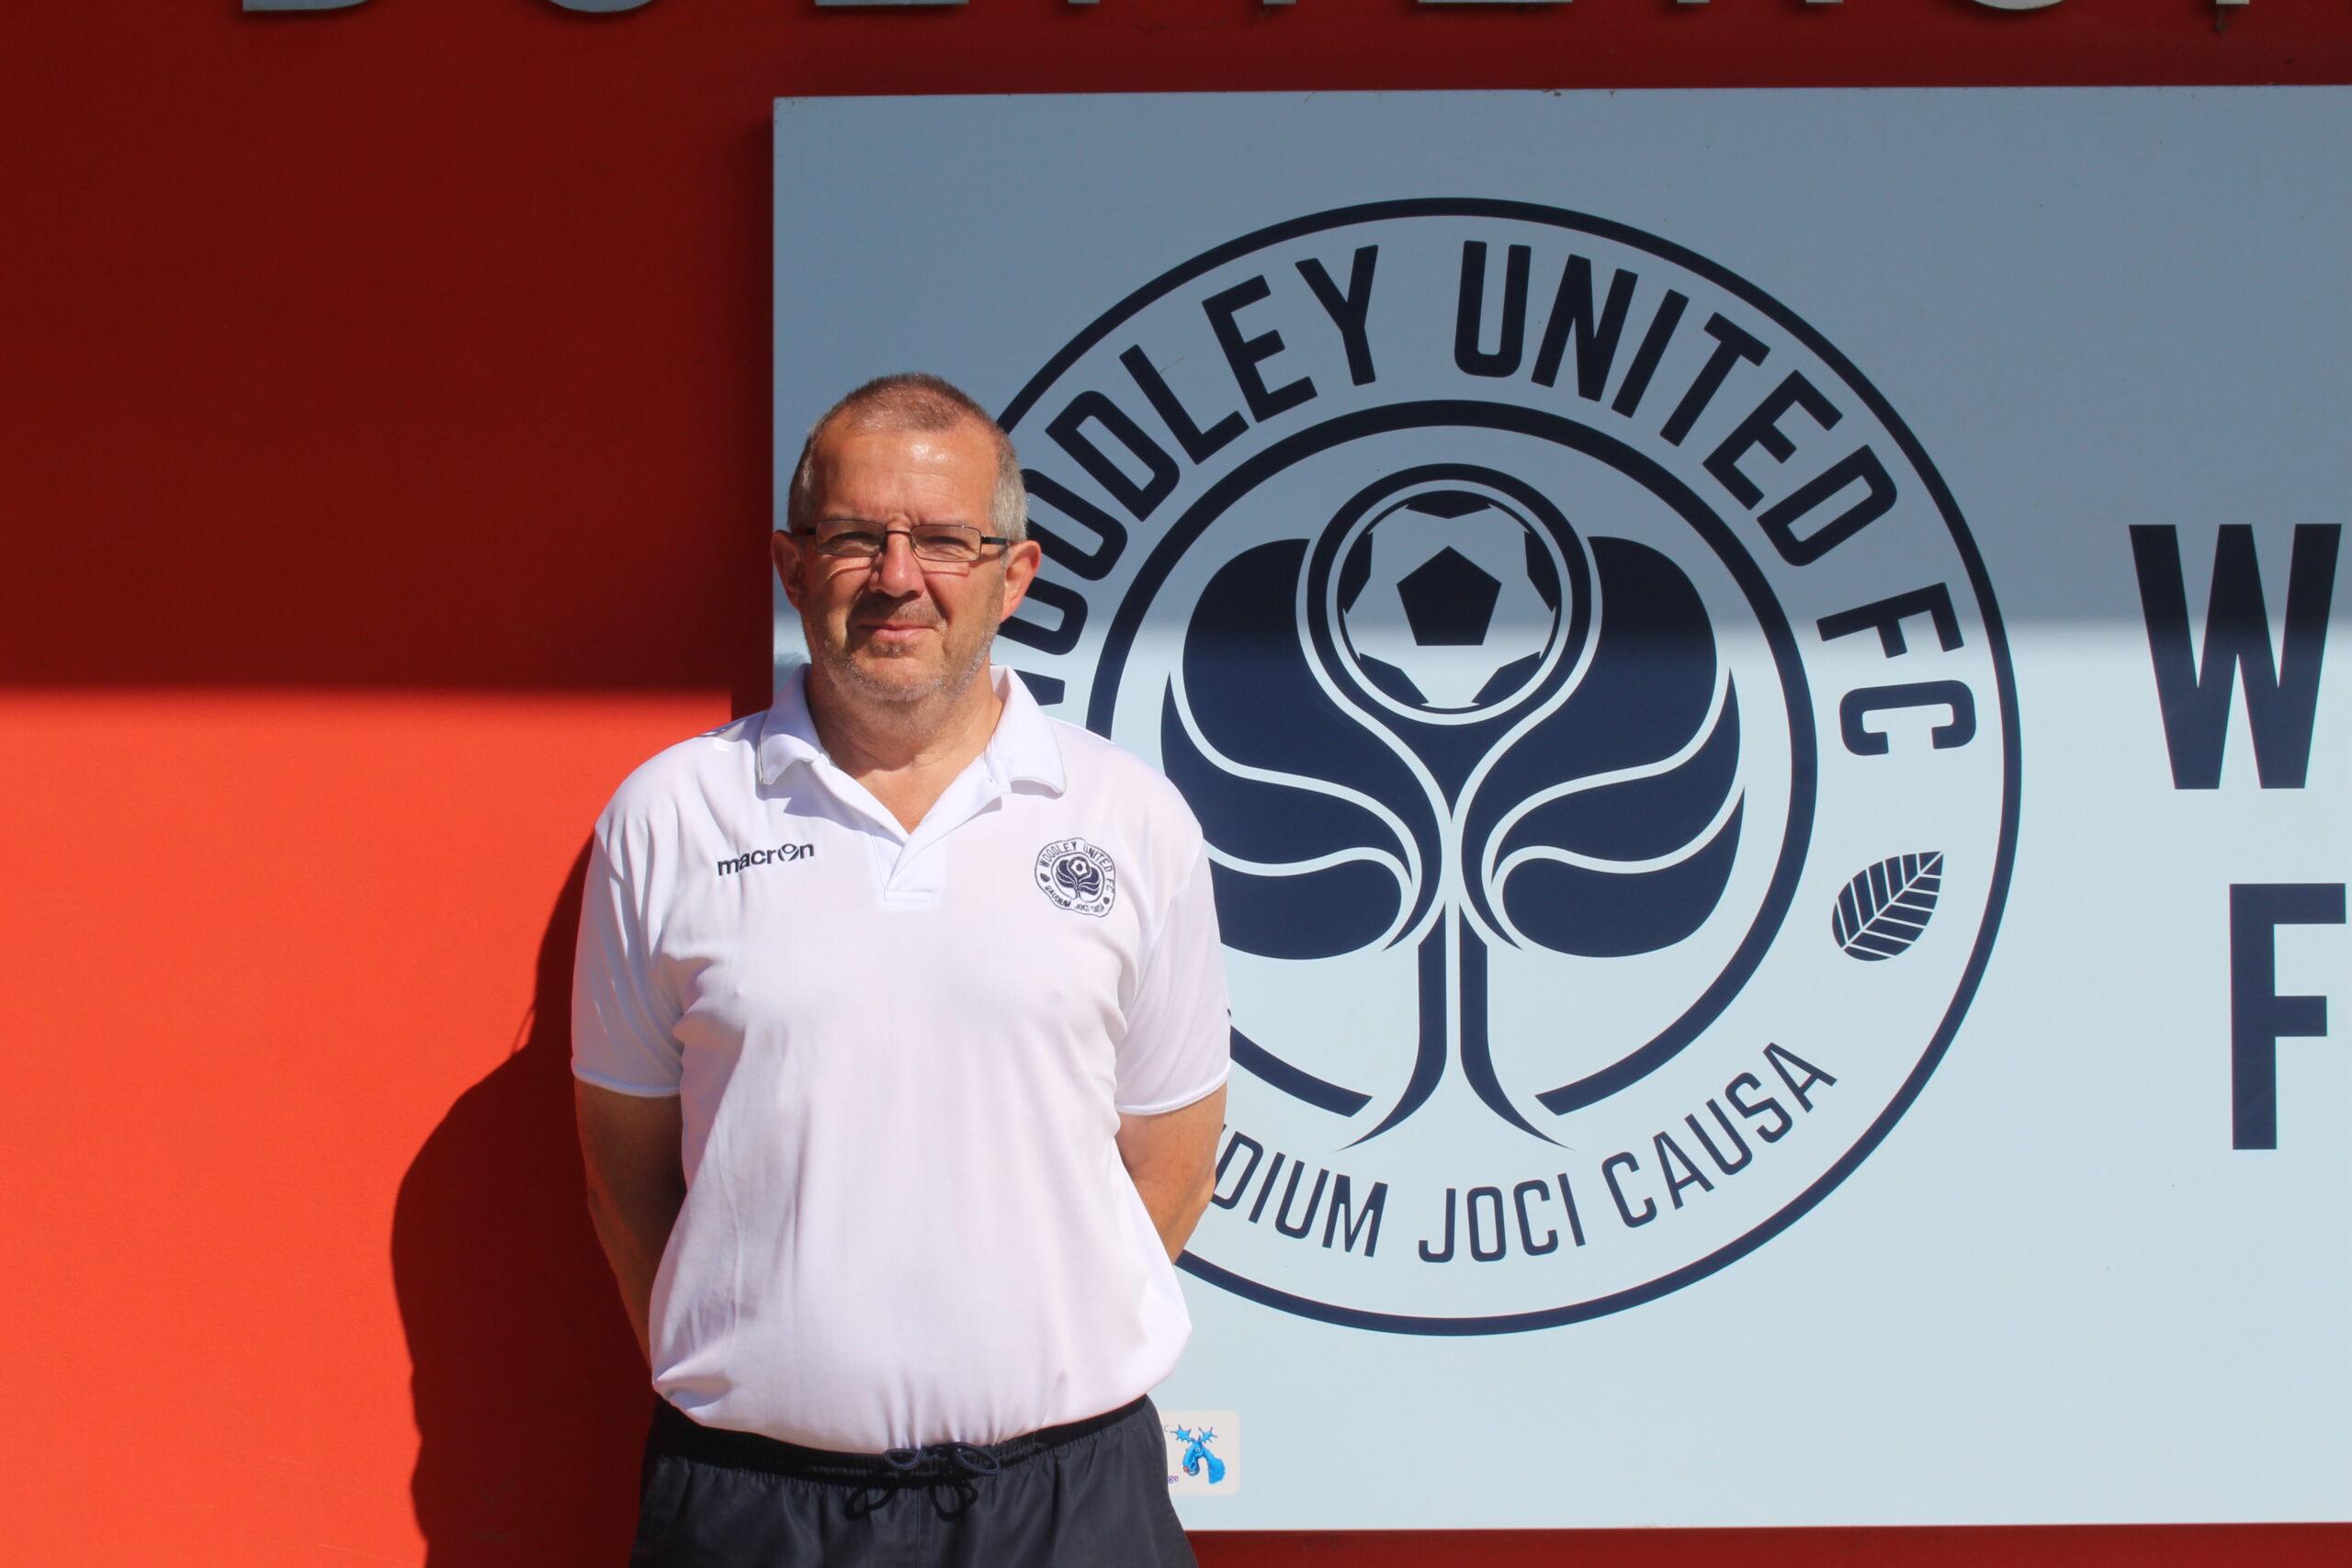 woodley football club